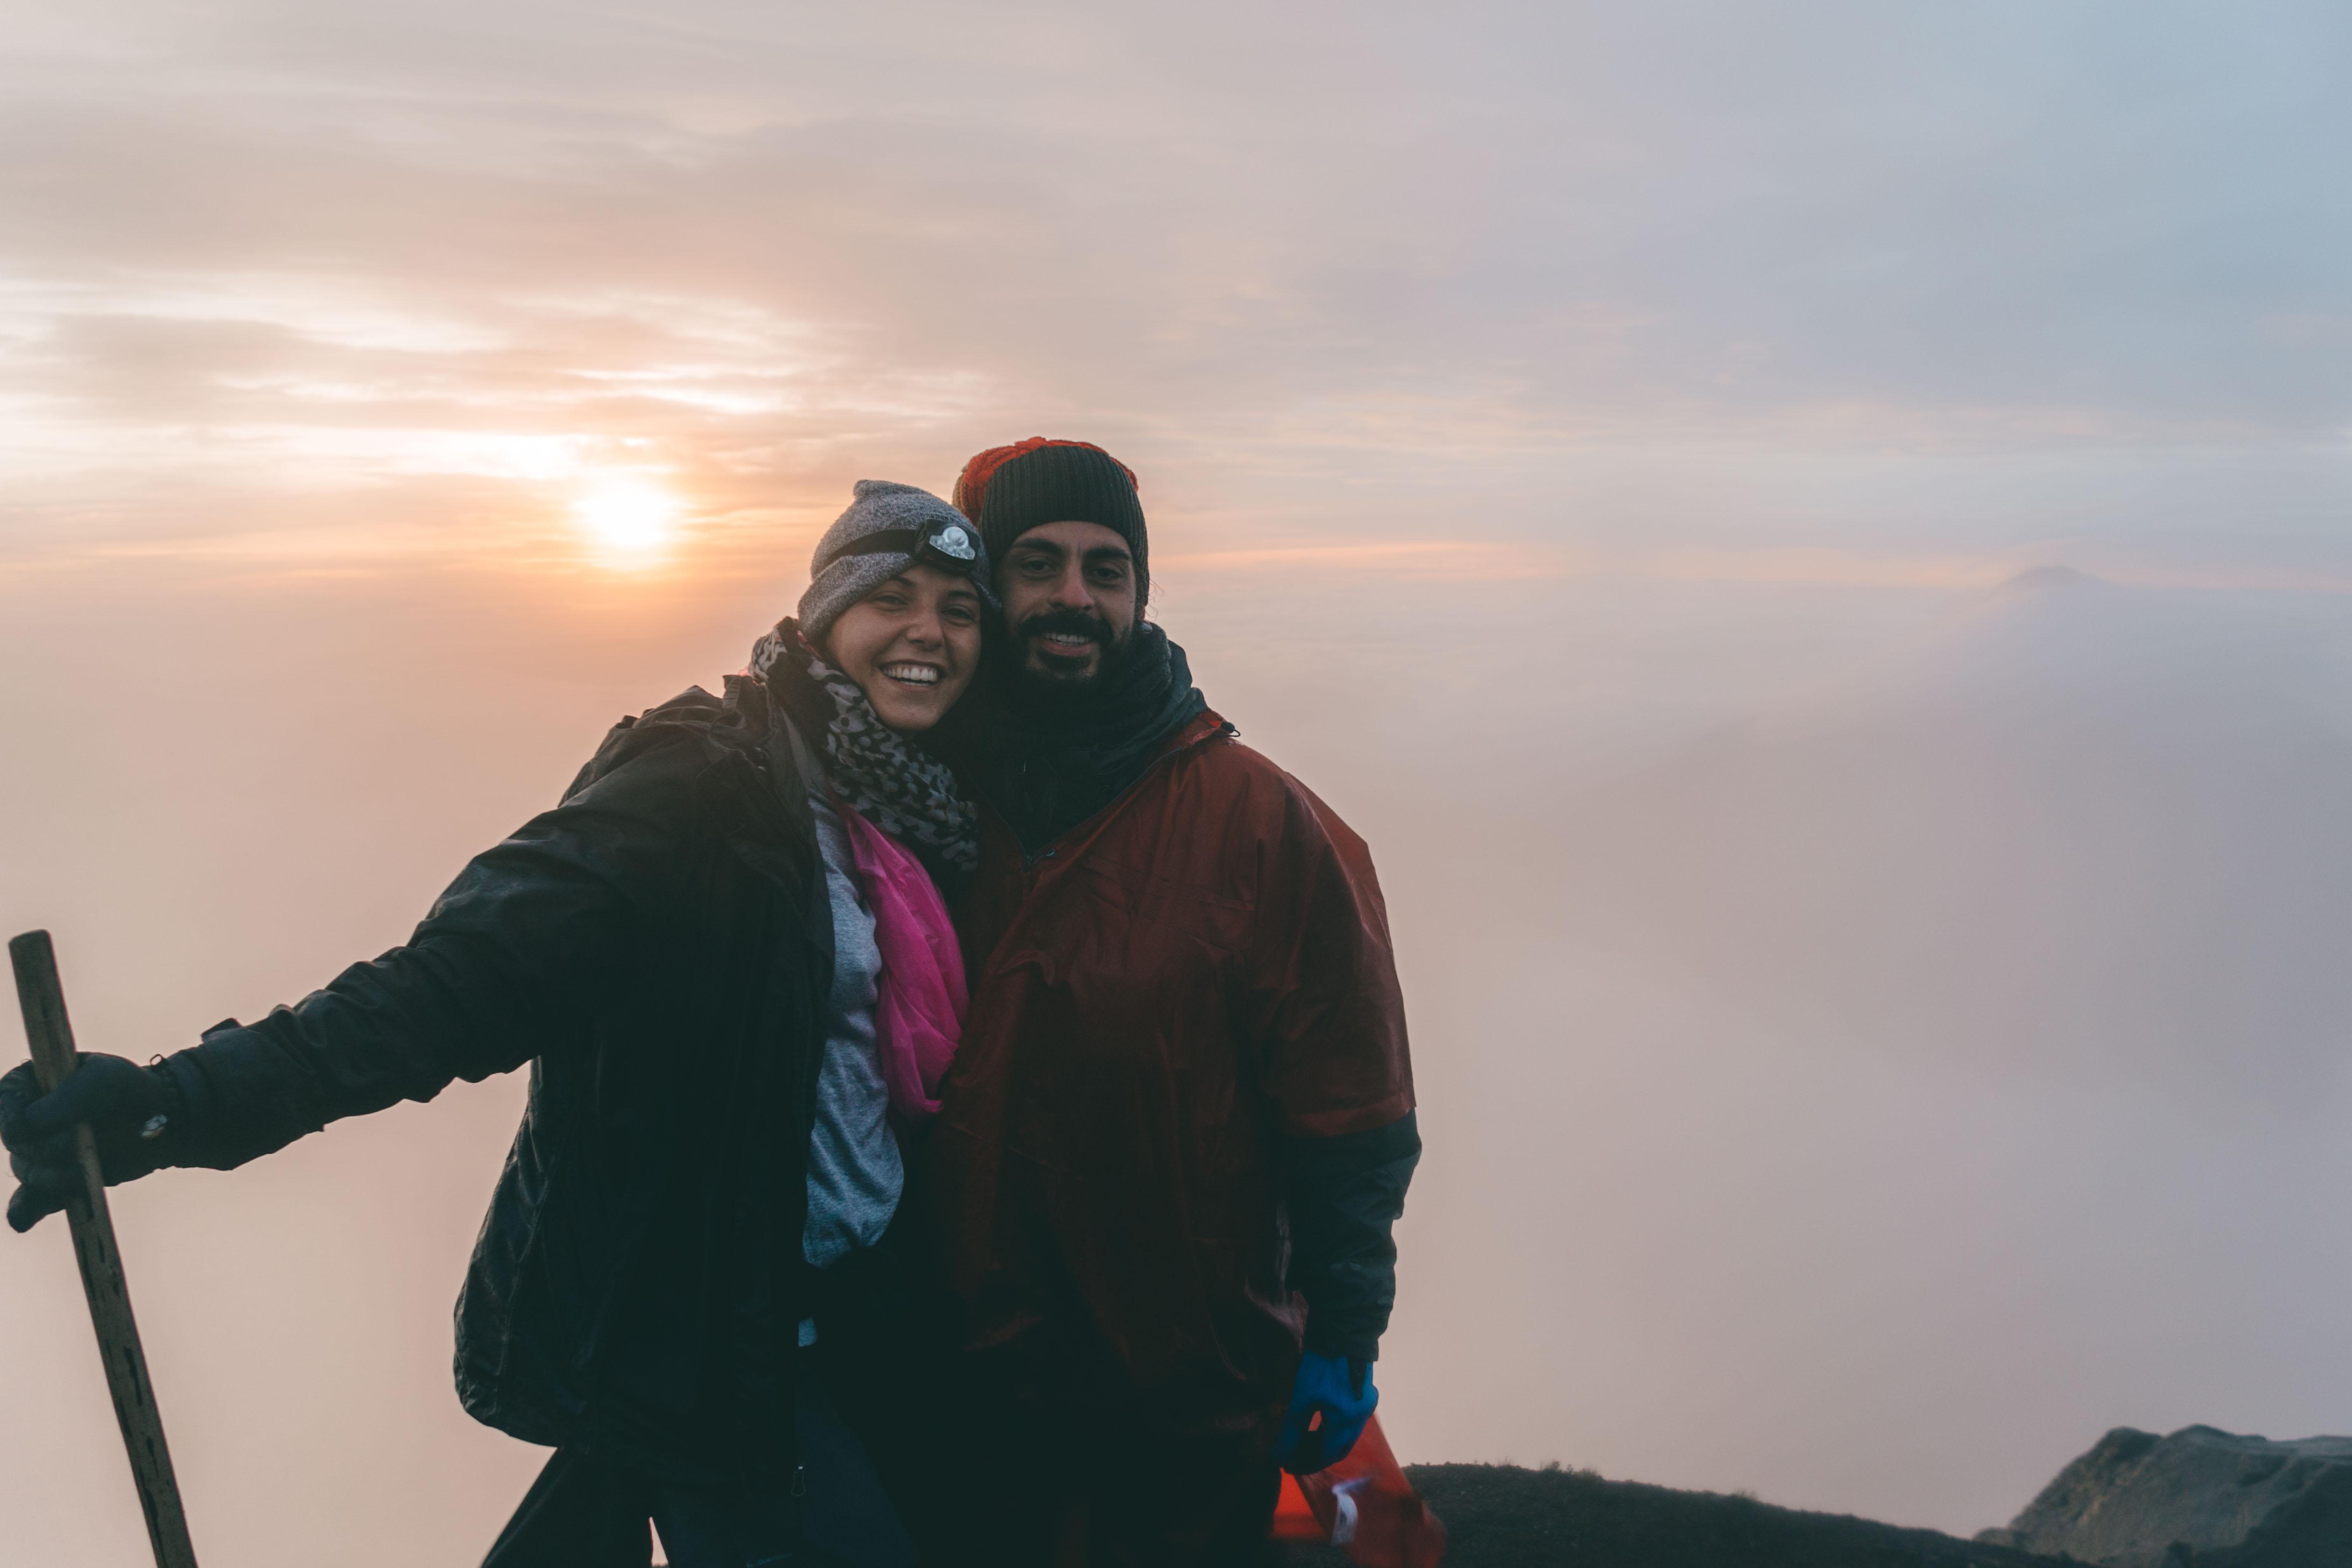 Distrutti ma felici! L'alba dalla cima del vulcano Acatenango